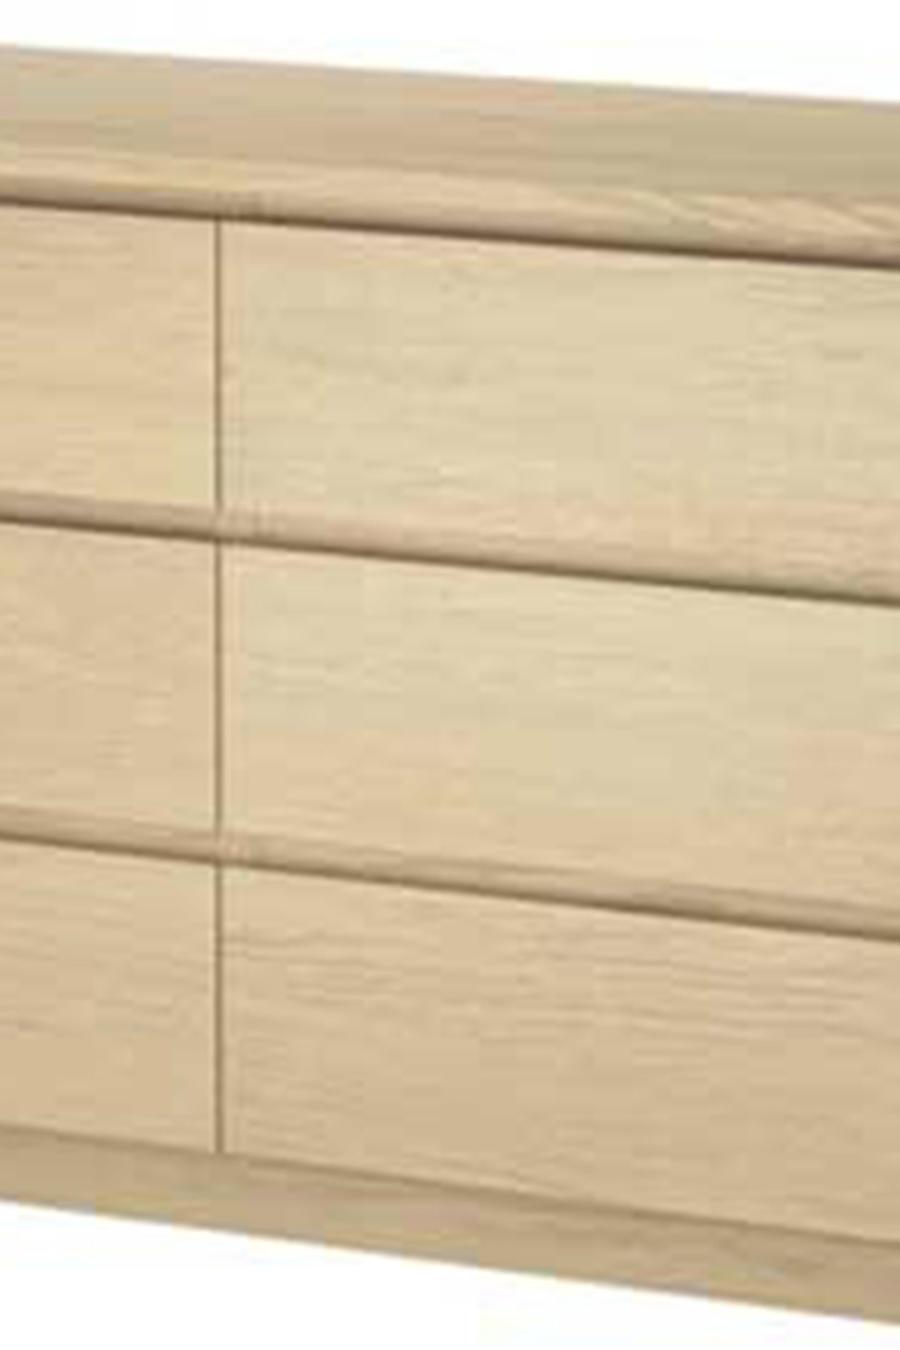 La Comisión de Seguridad de Productos al Consumidor recomienda asegurar a la pared el Mueble MALM de IKEA de 6 cajones porque de los contrario puede ser peligroso para los niños